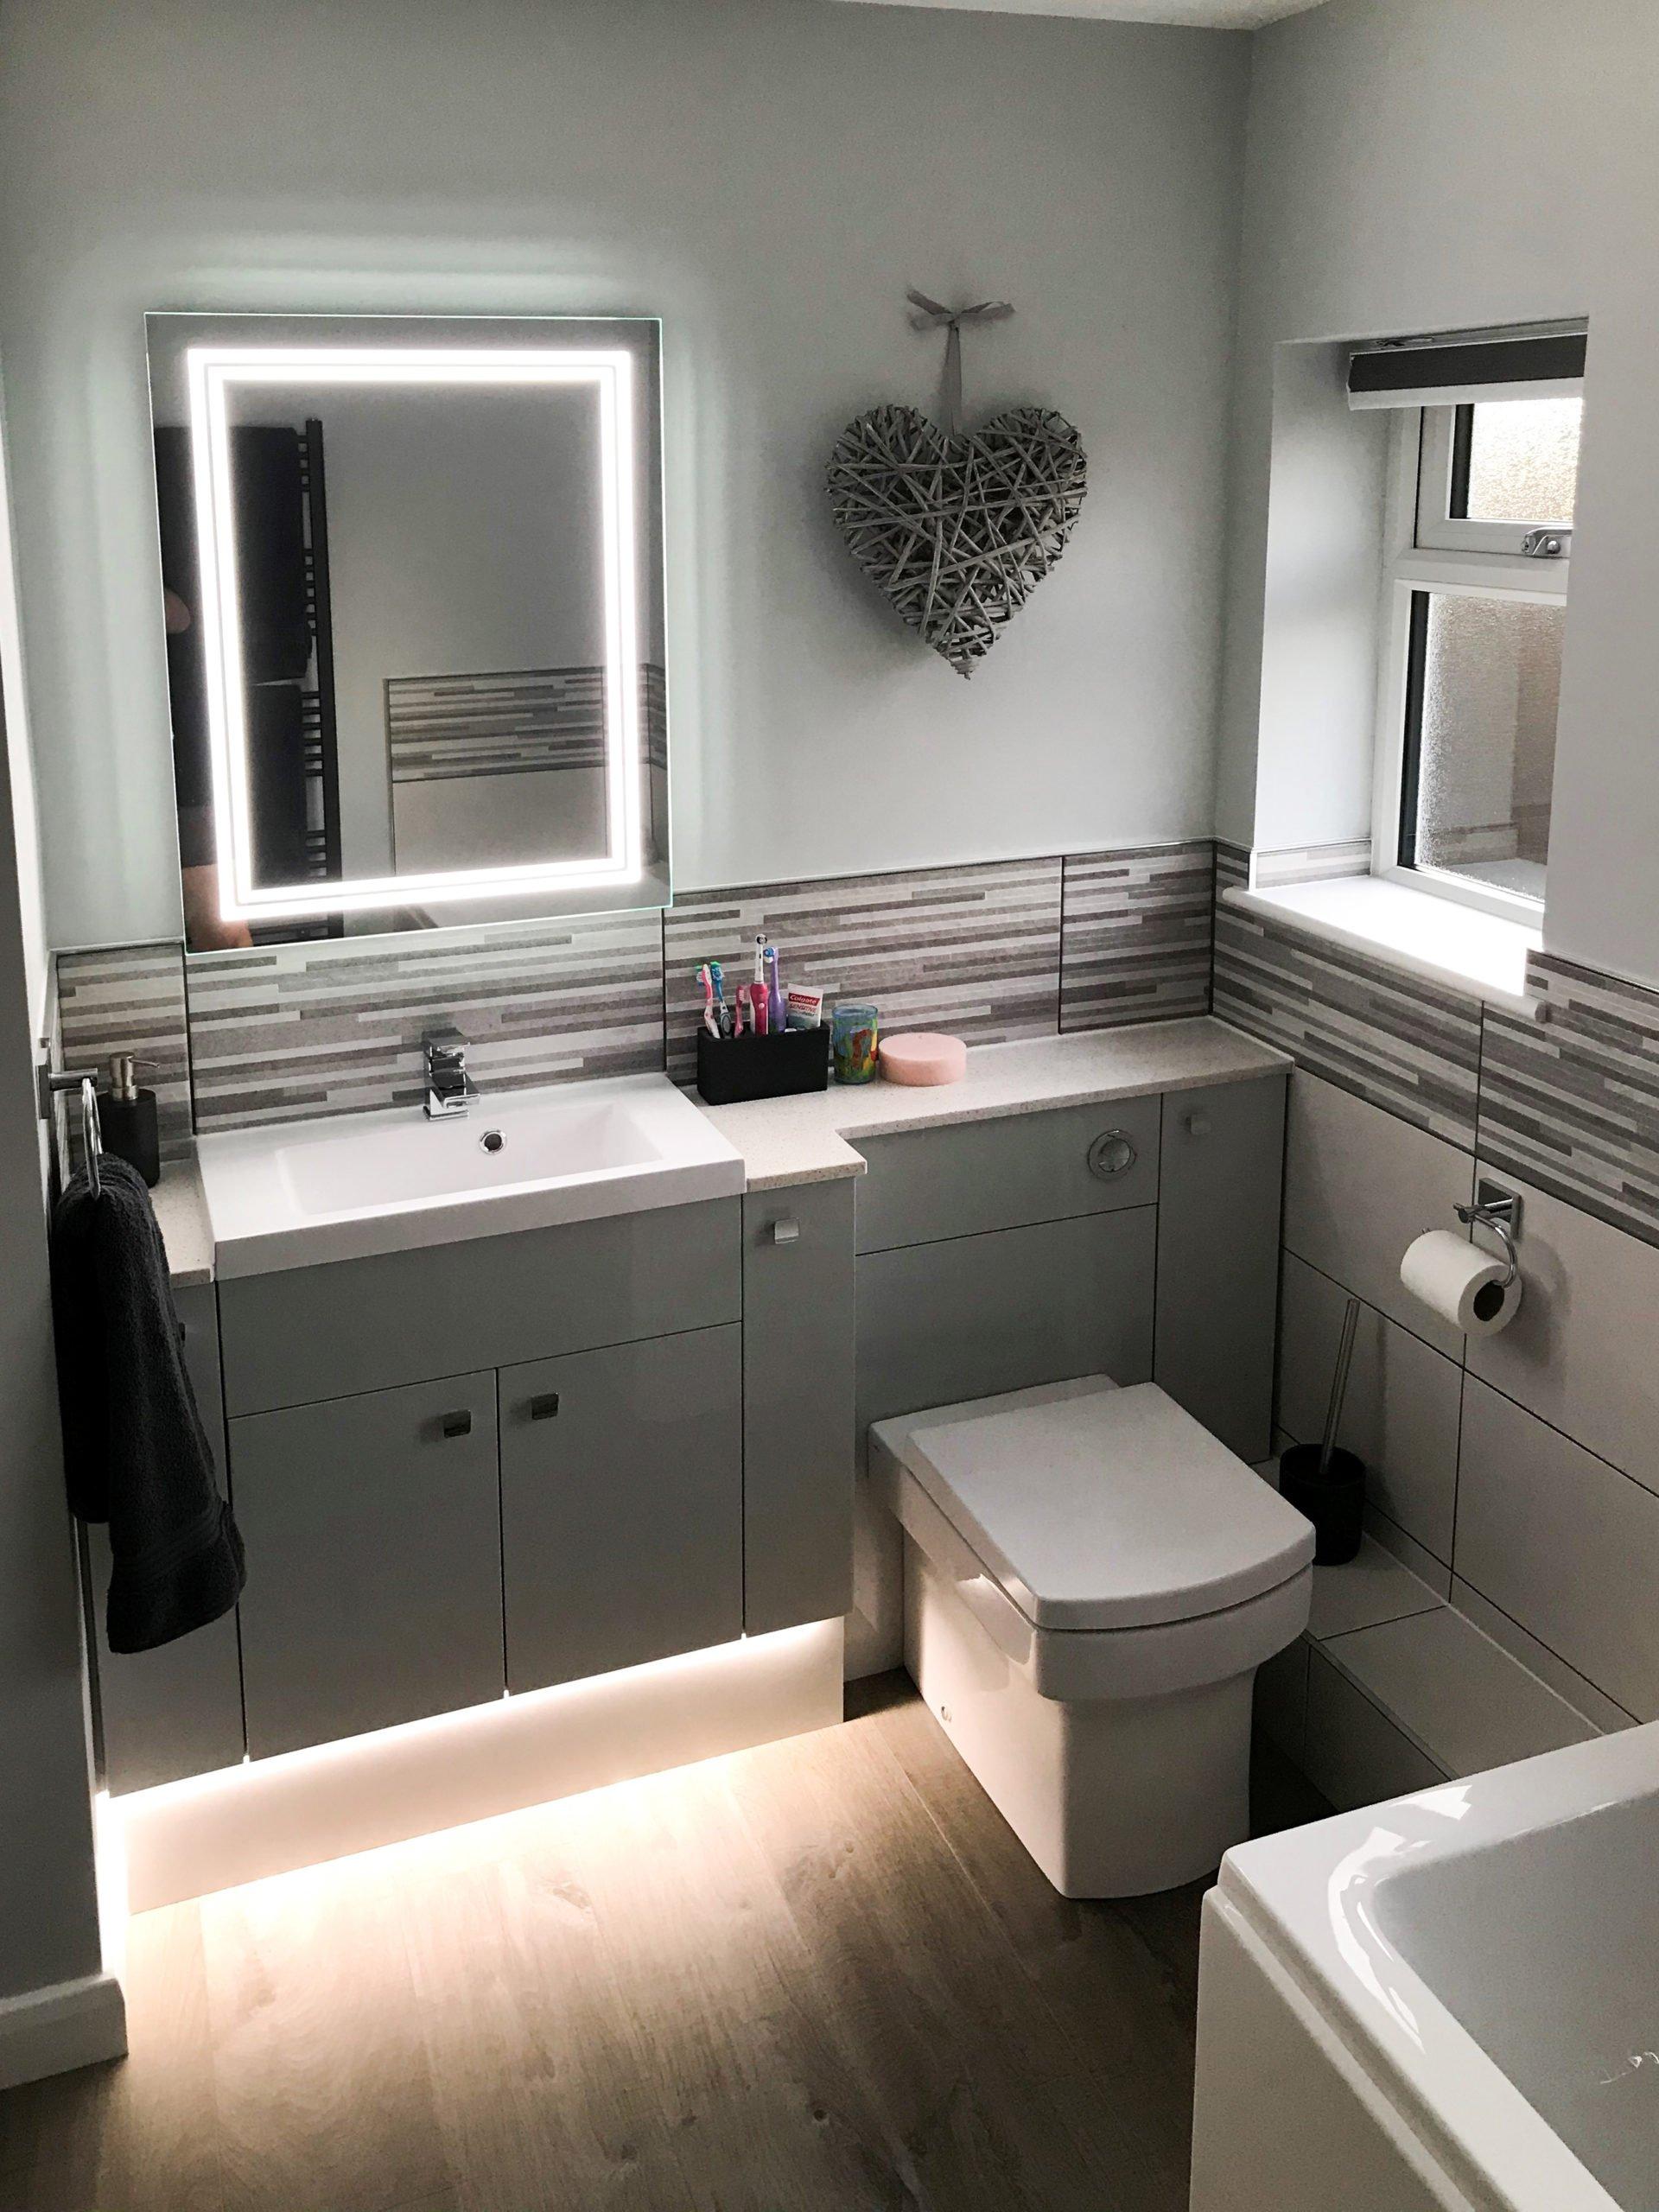 Updated modern looking Bathroom